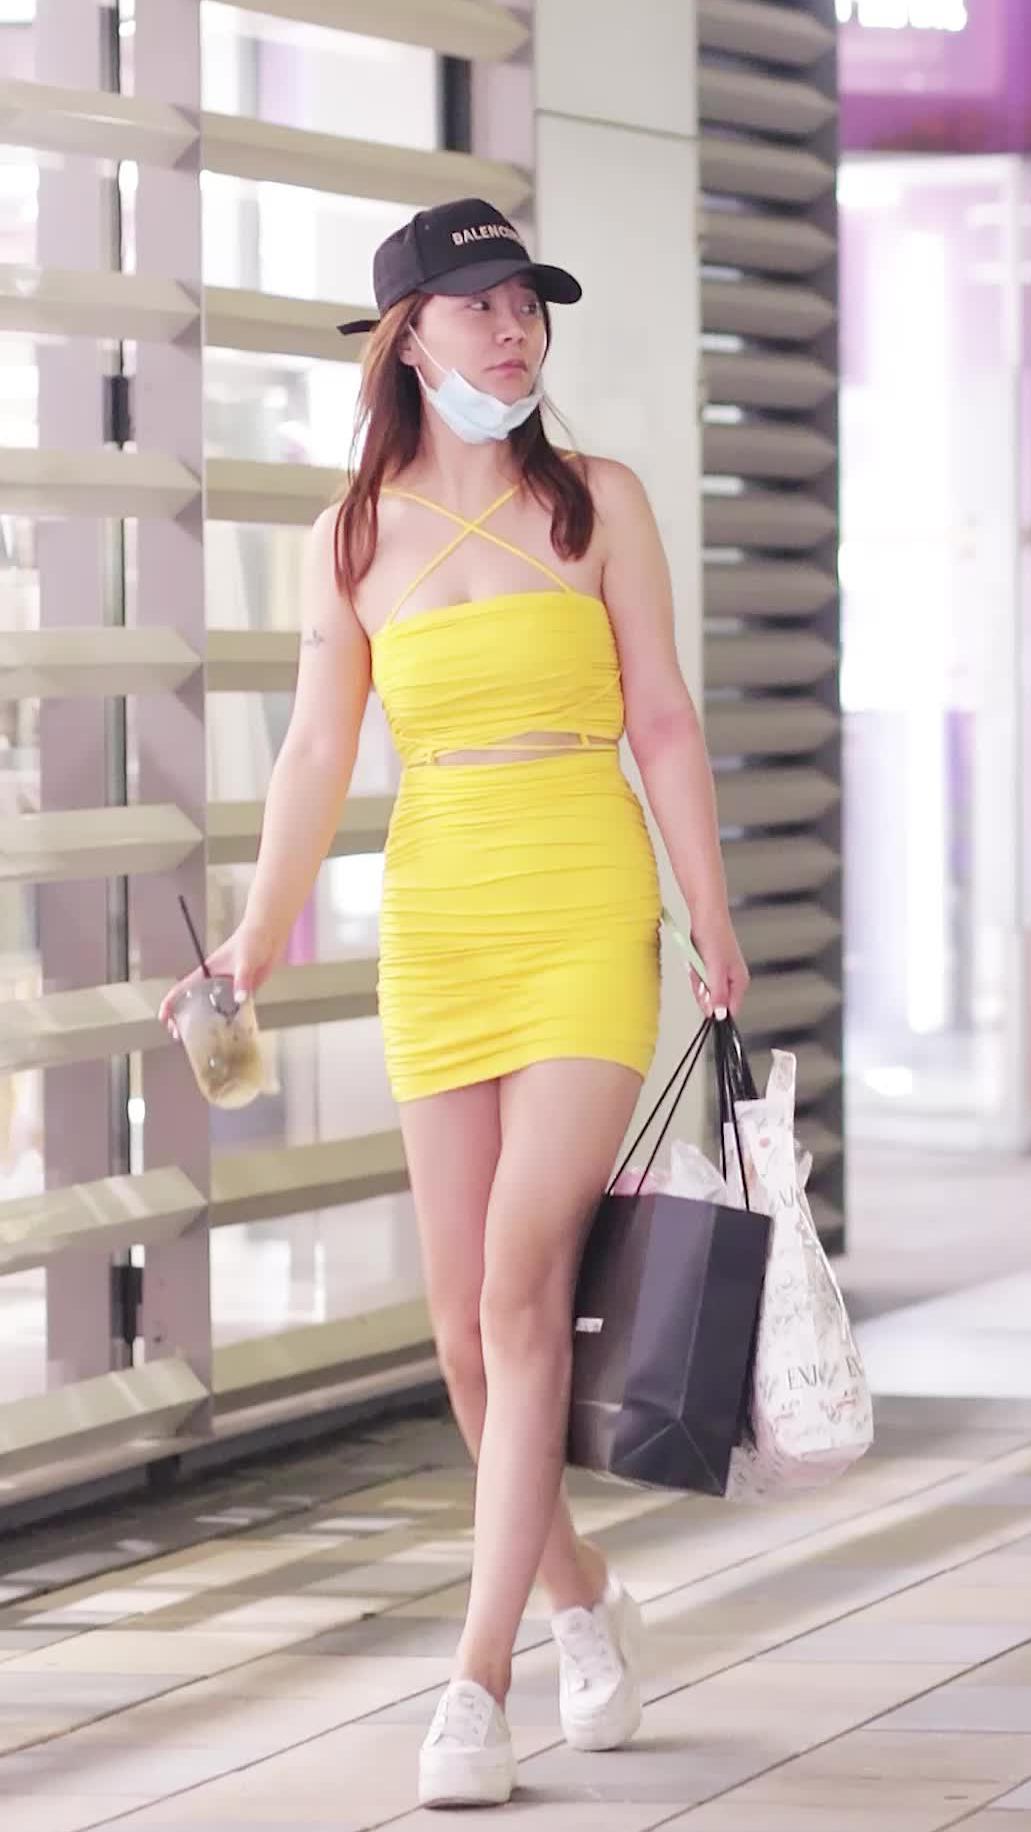 小姐姐的黄裙子是一件还是两件?